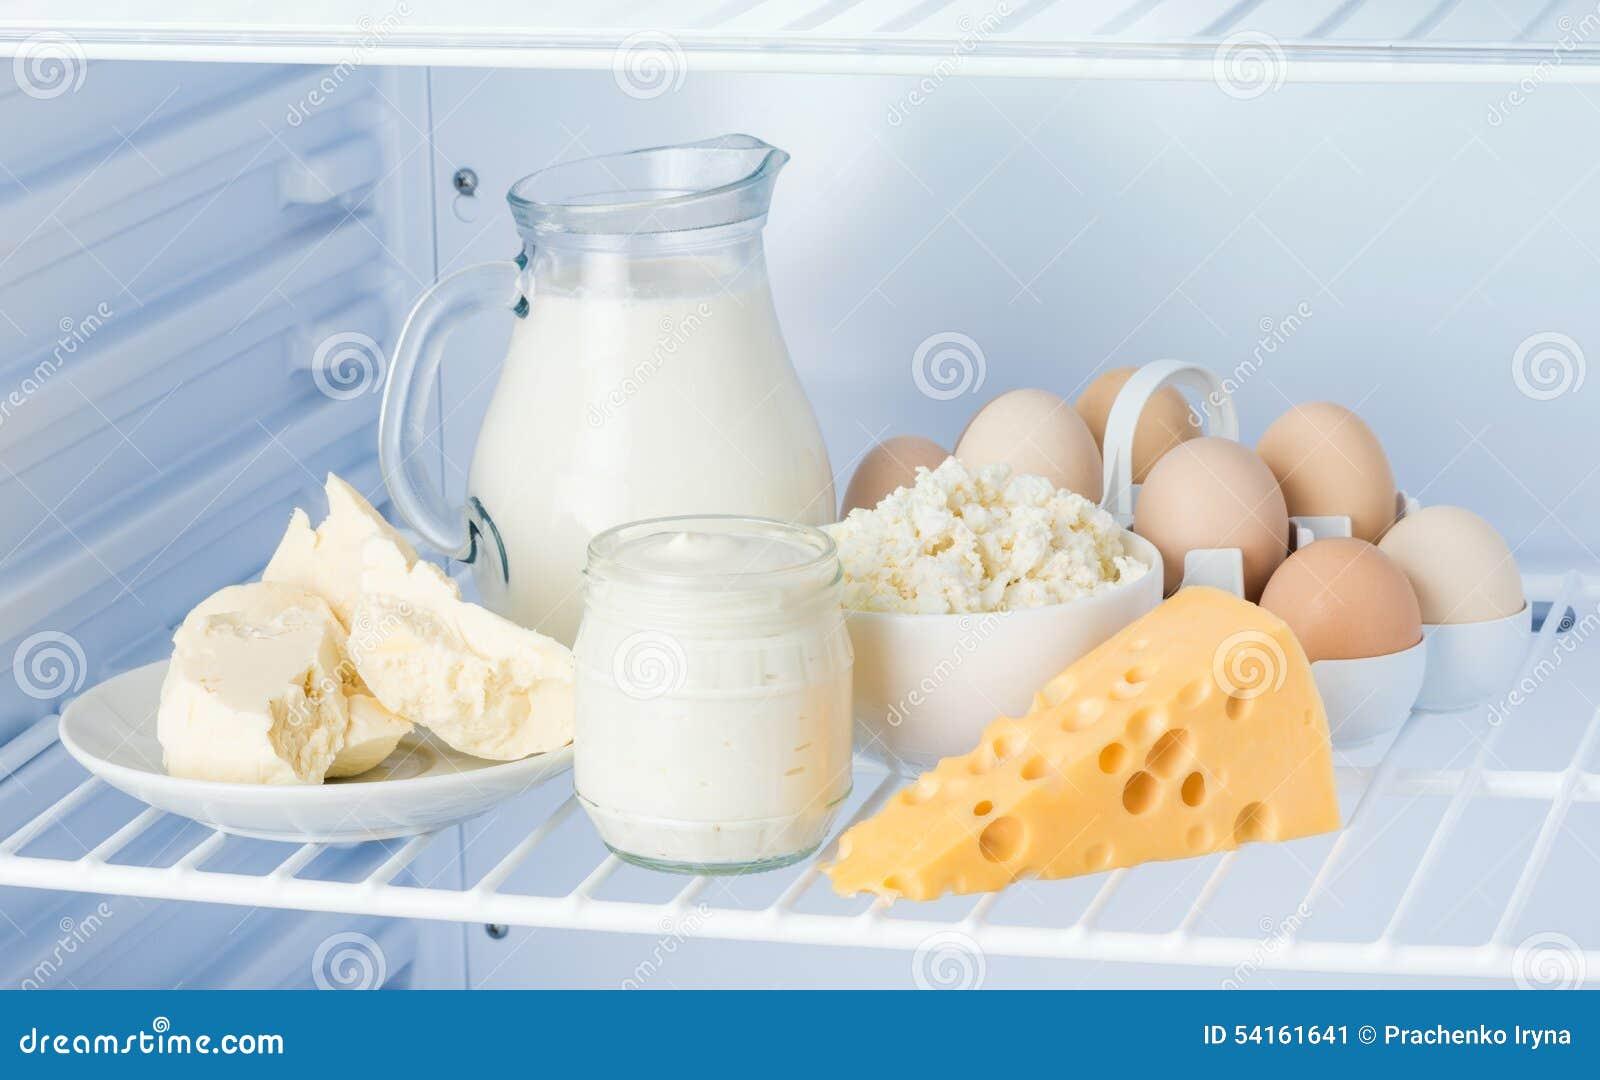 Αυγά και νόστιμα γαλακτοκομικά προϊόντα  ξινή κρέμα 44272c0e8a4